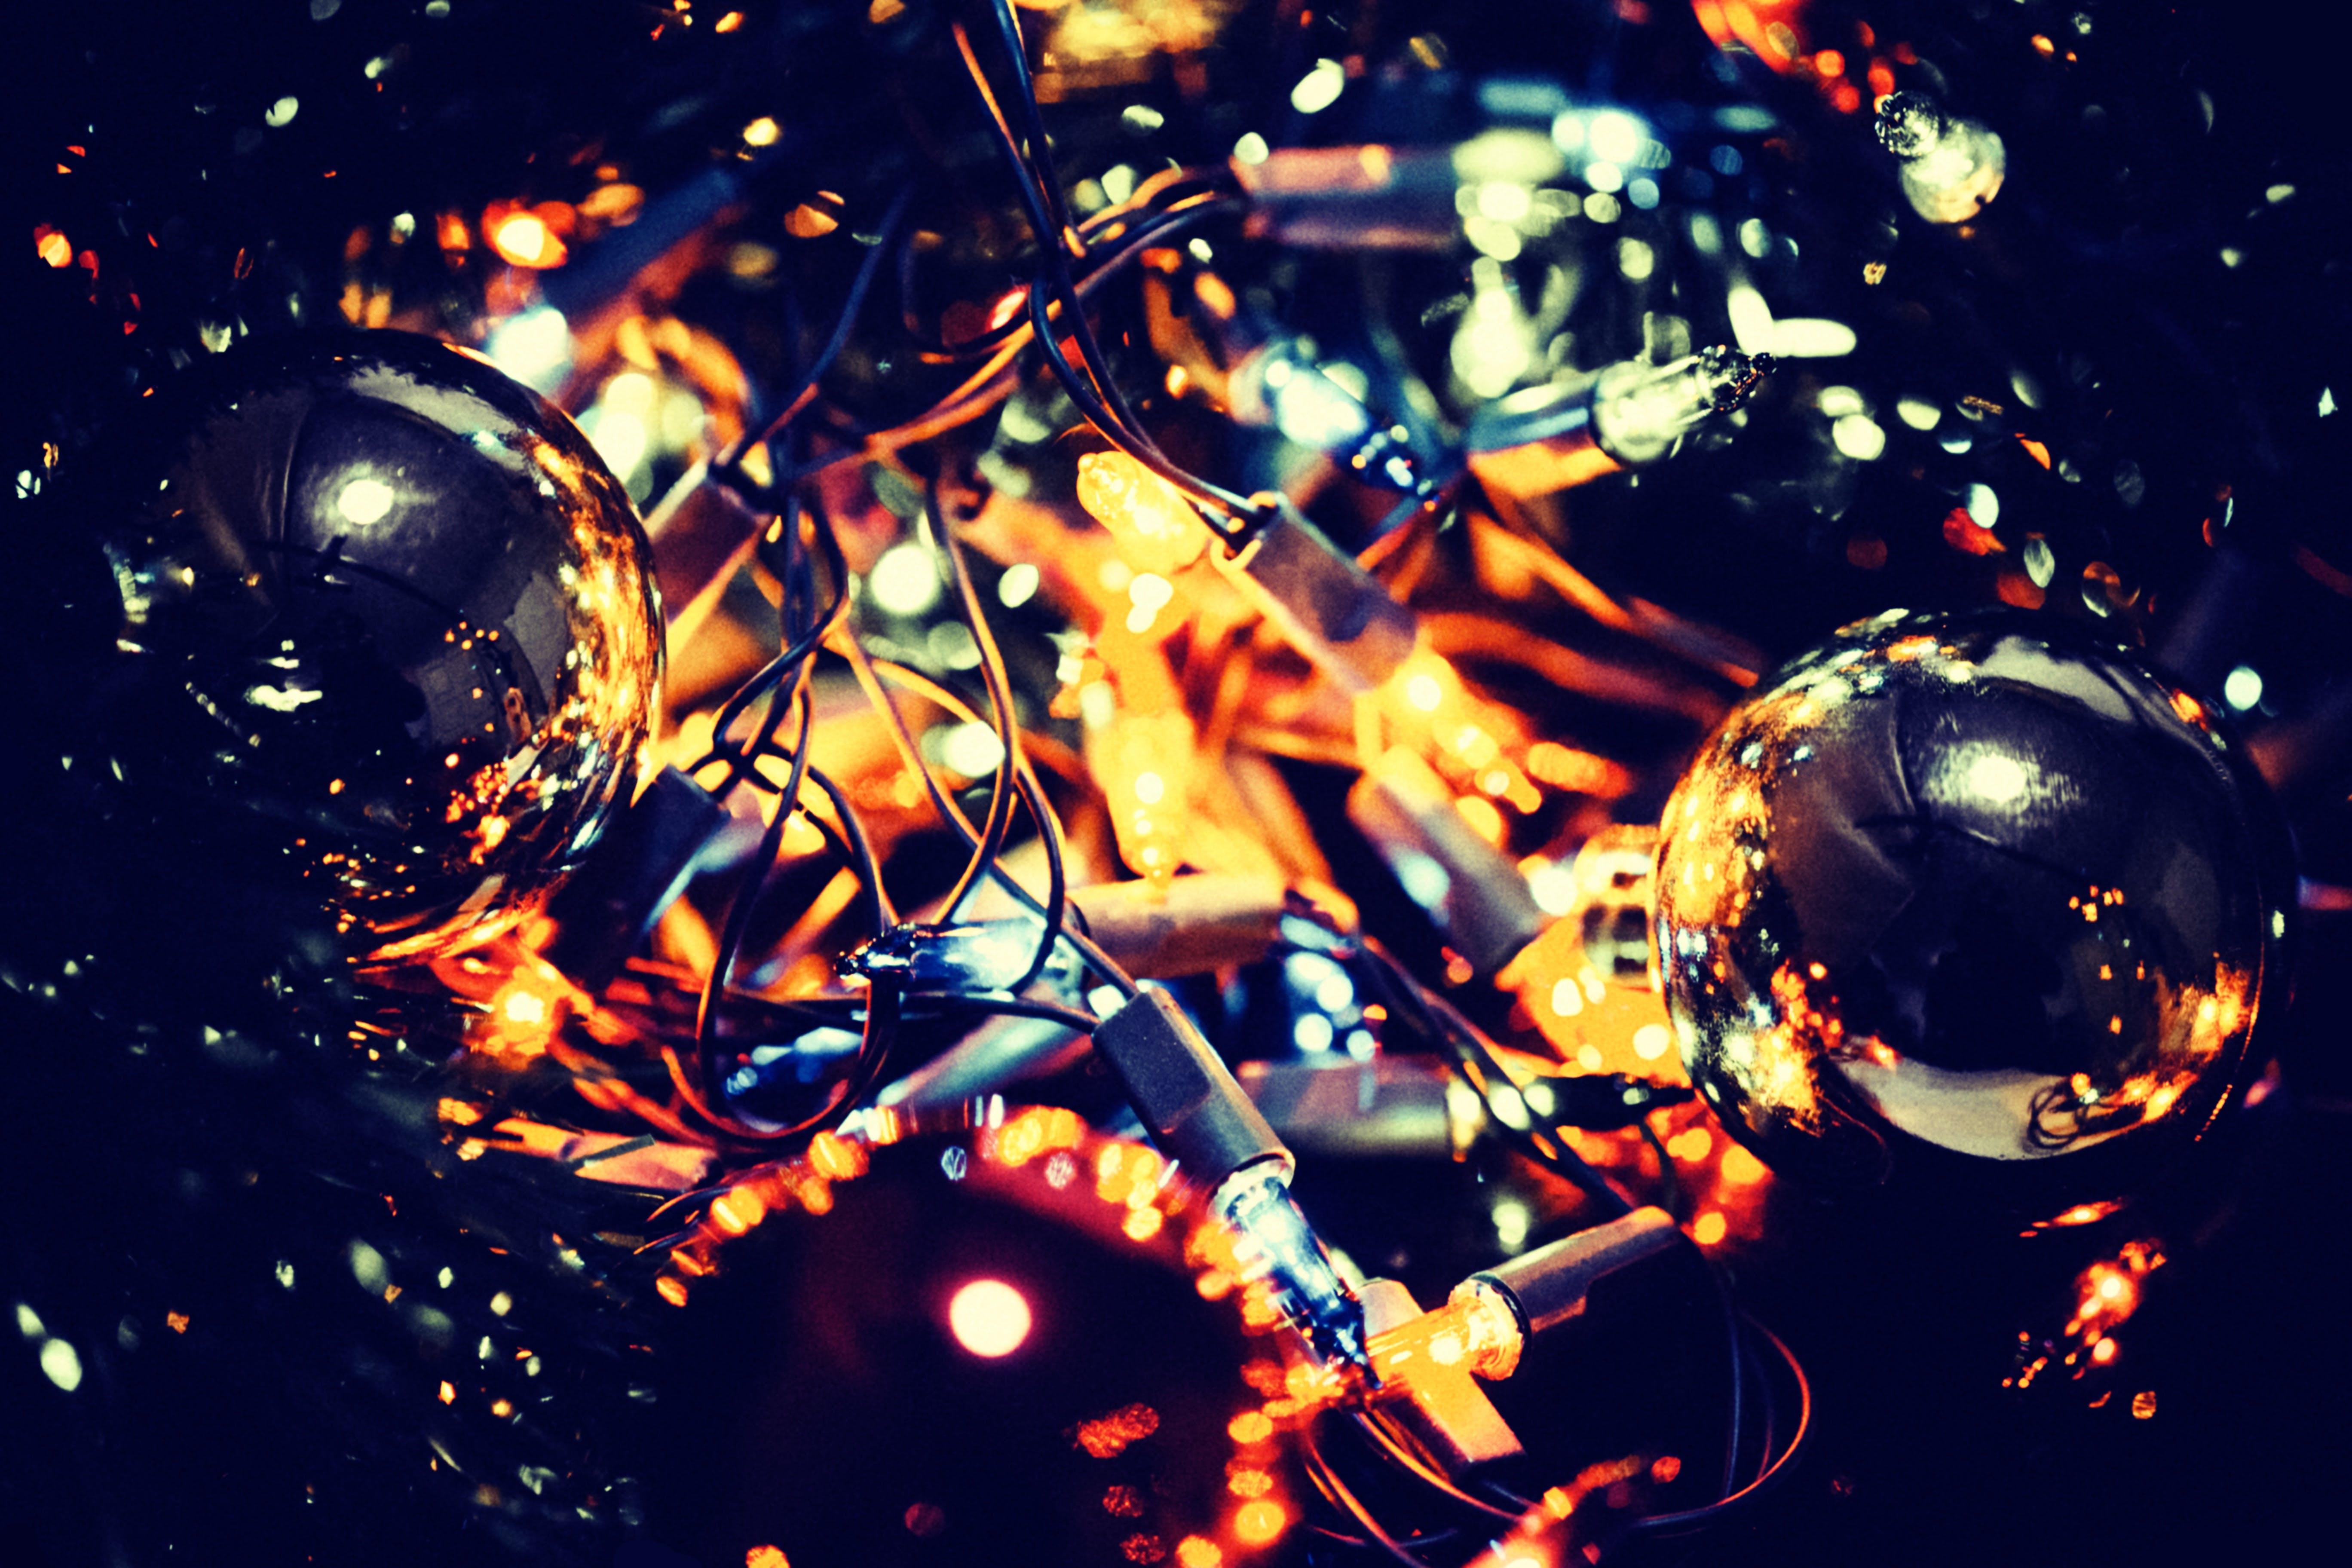 Fotos de stock gratuitas de bolas de navidad, Decoración navideña, dorado, iluminado